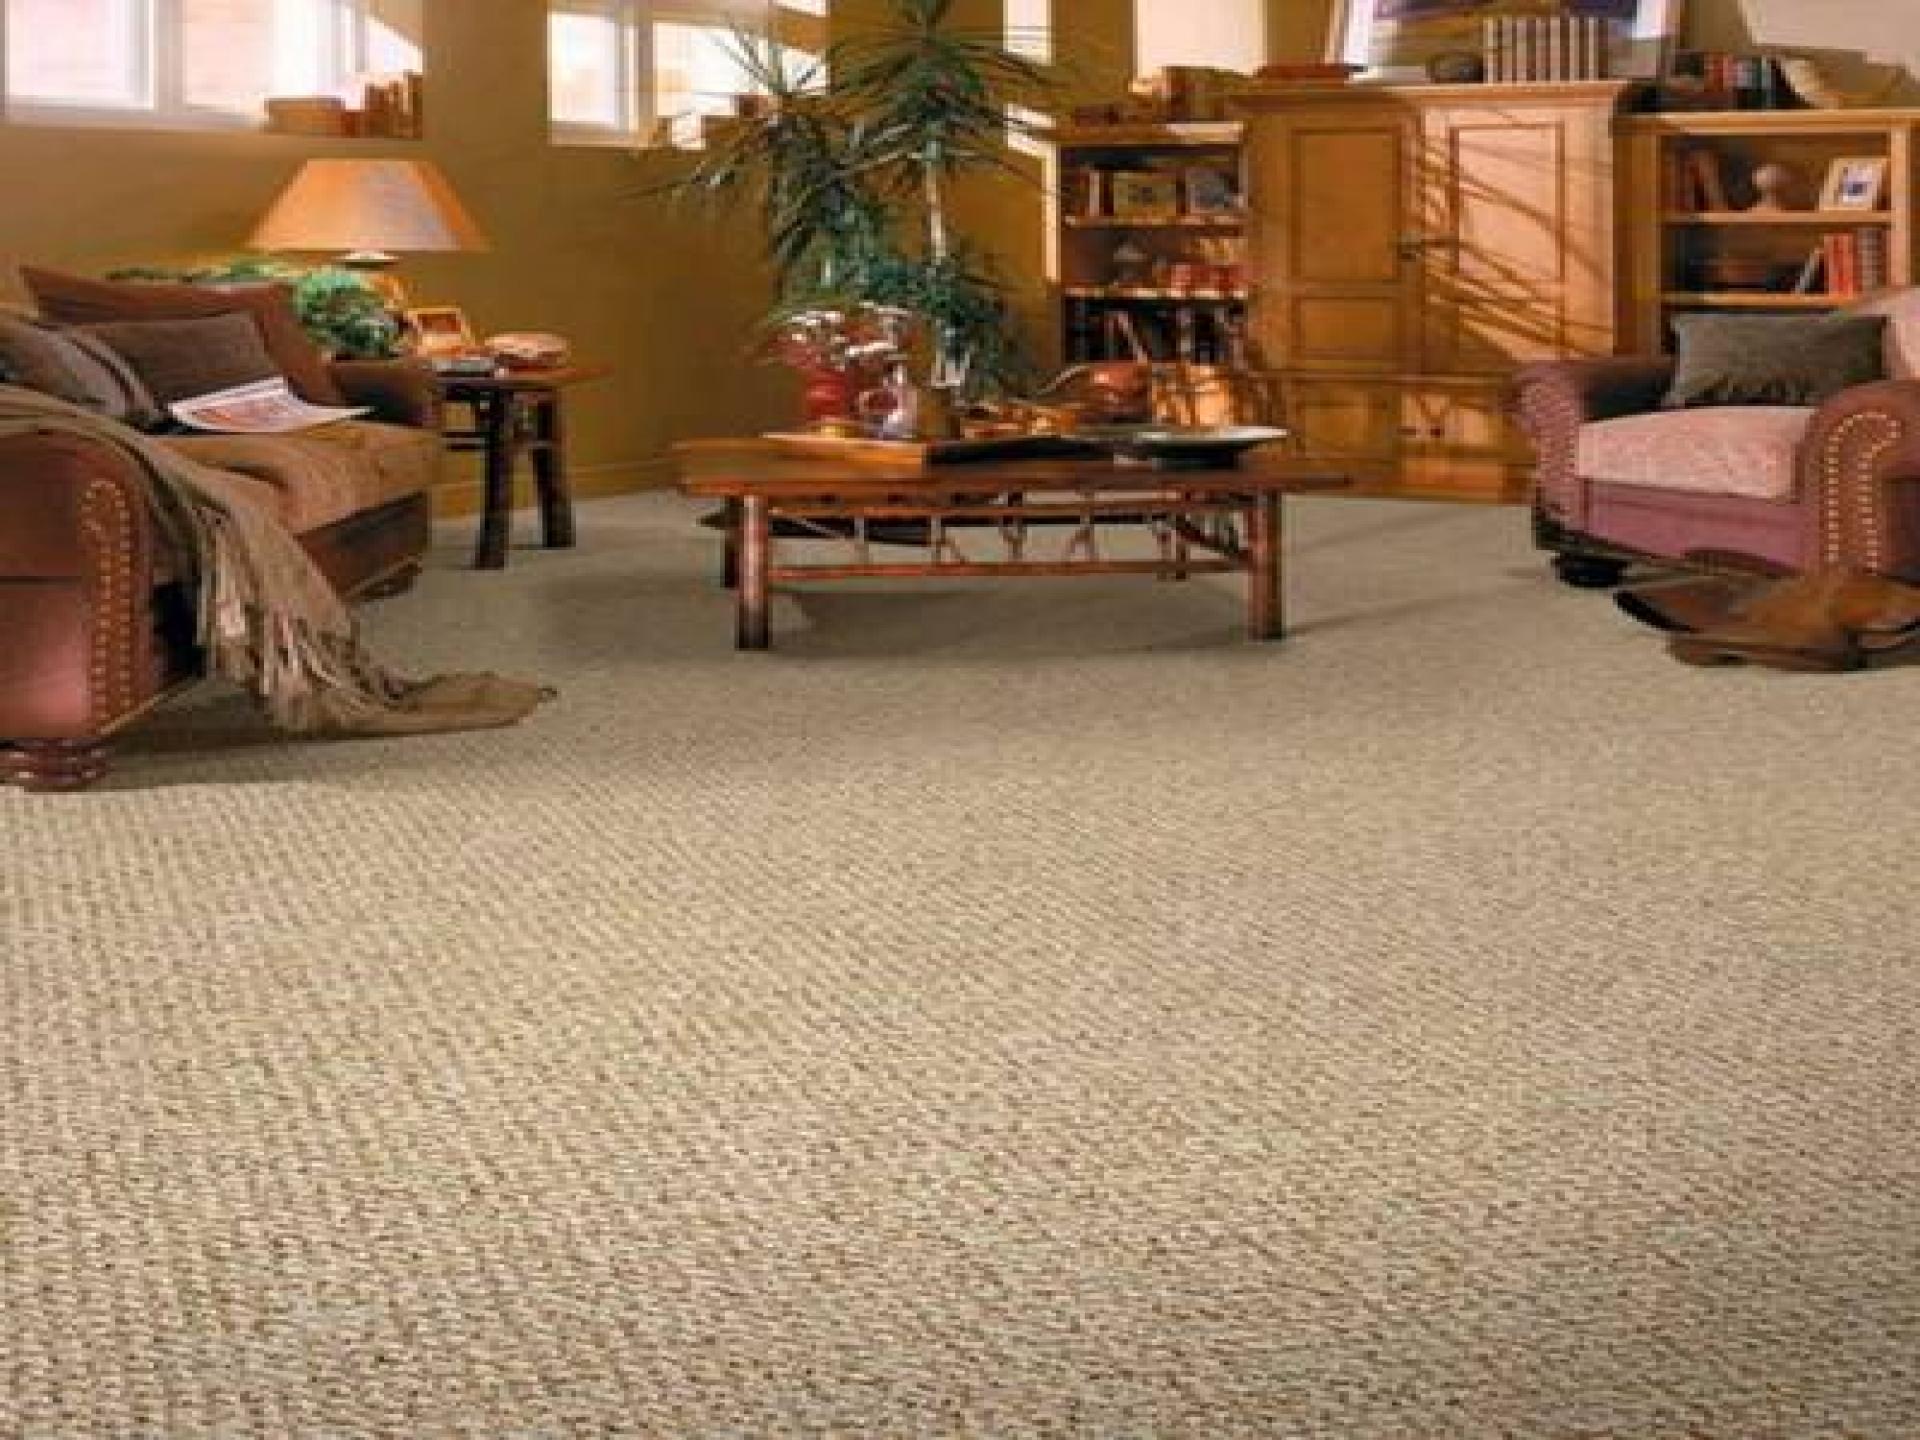 carpet design ideas living room carpet choice for your home - furnitureanddecors.com/decor SWRDZOS